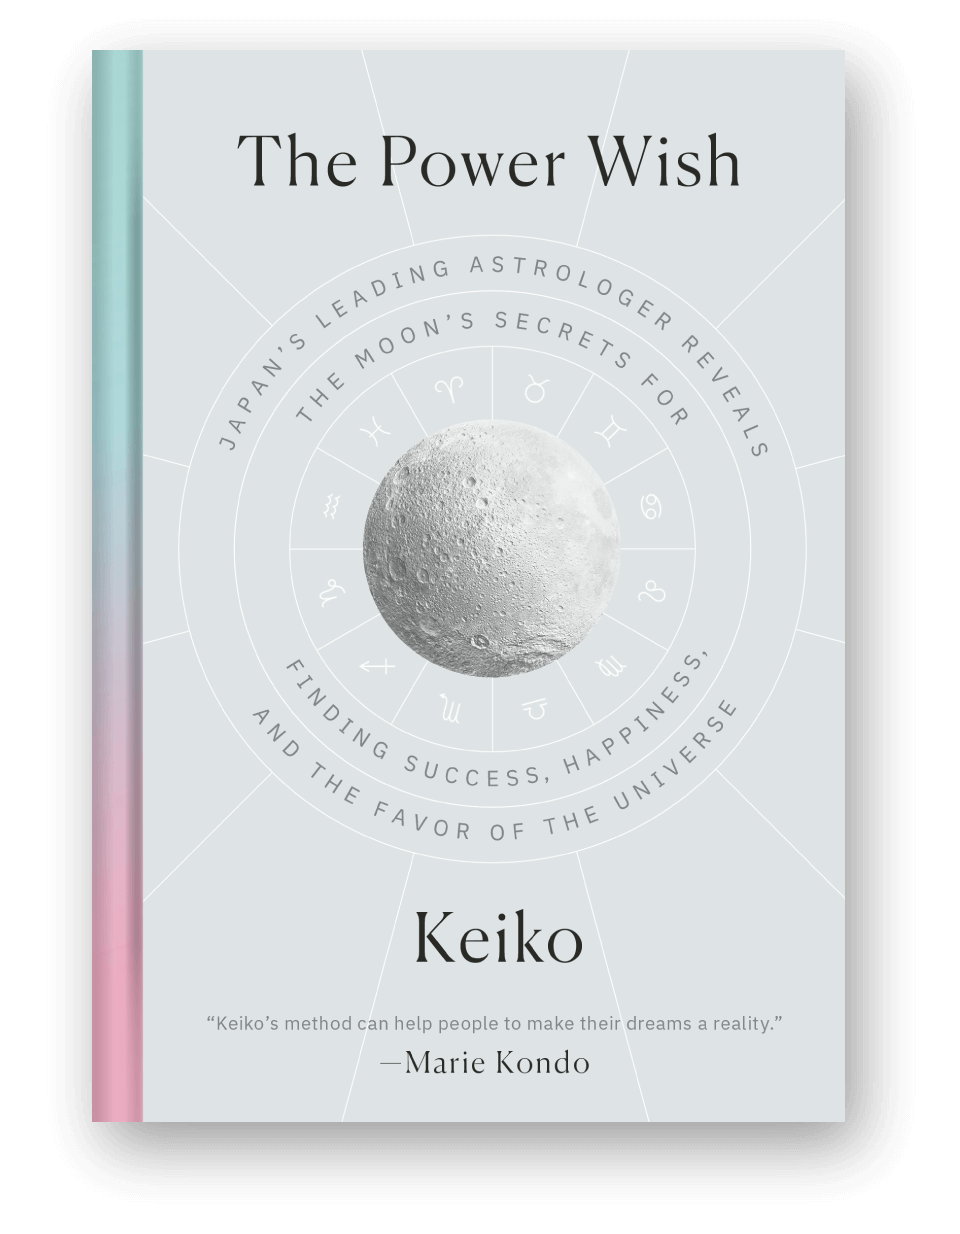 The Power Wish